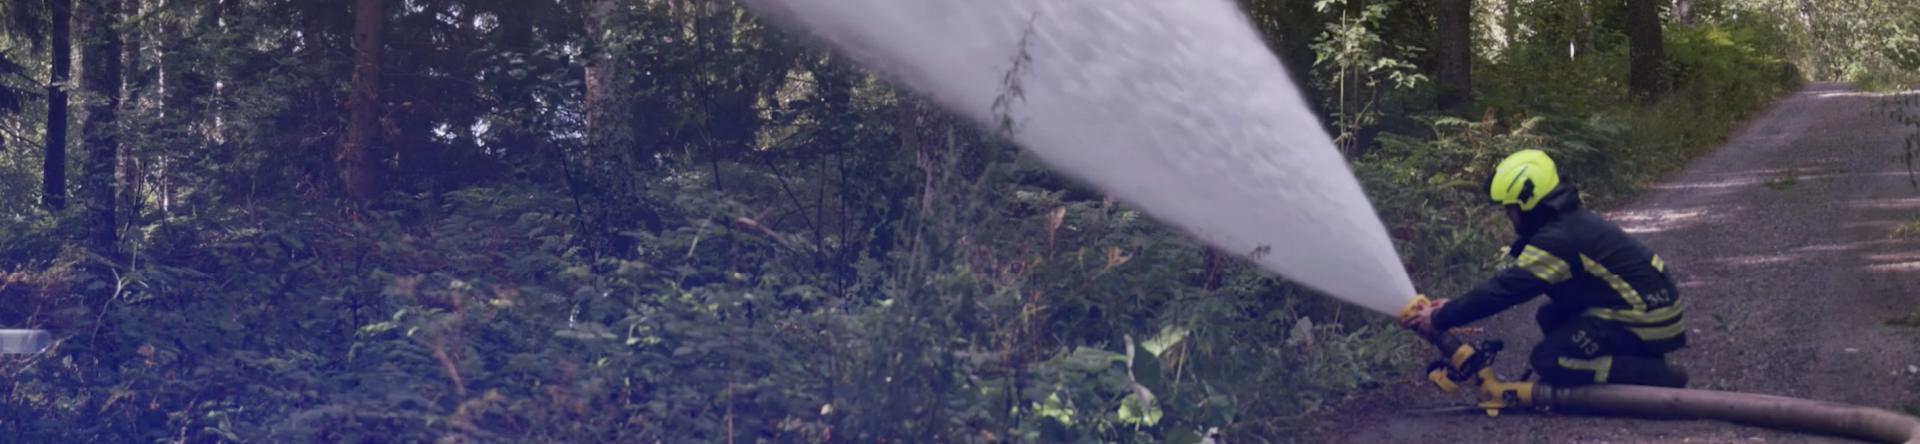 kuusiston vpk pumpputesti metsässä